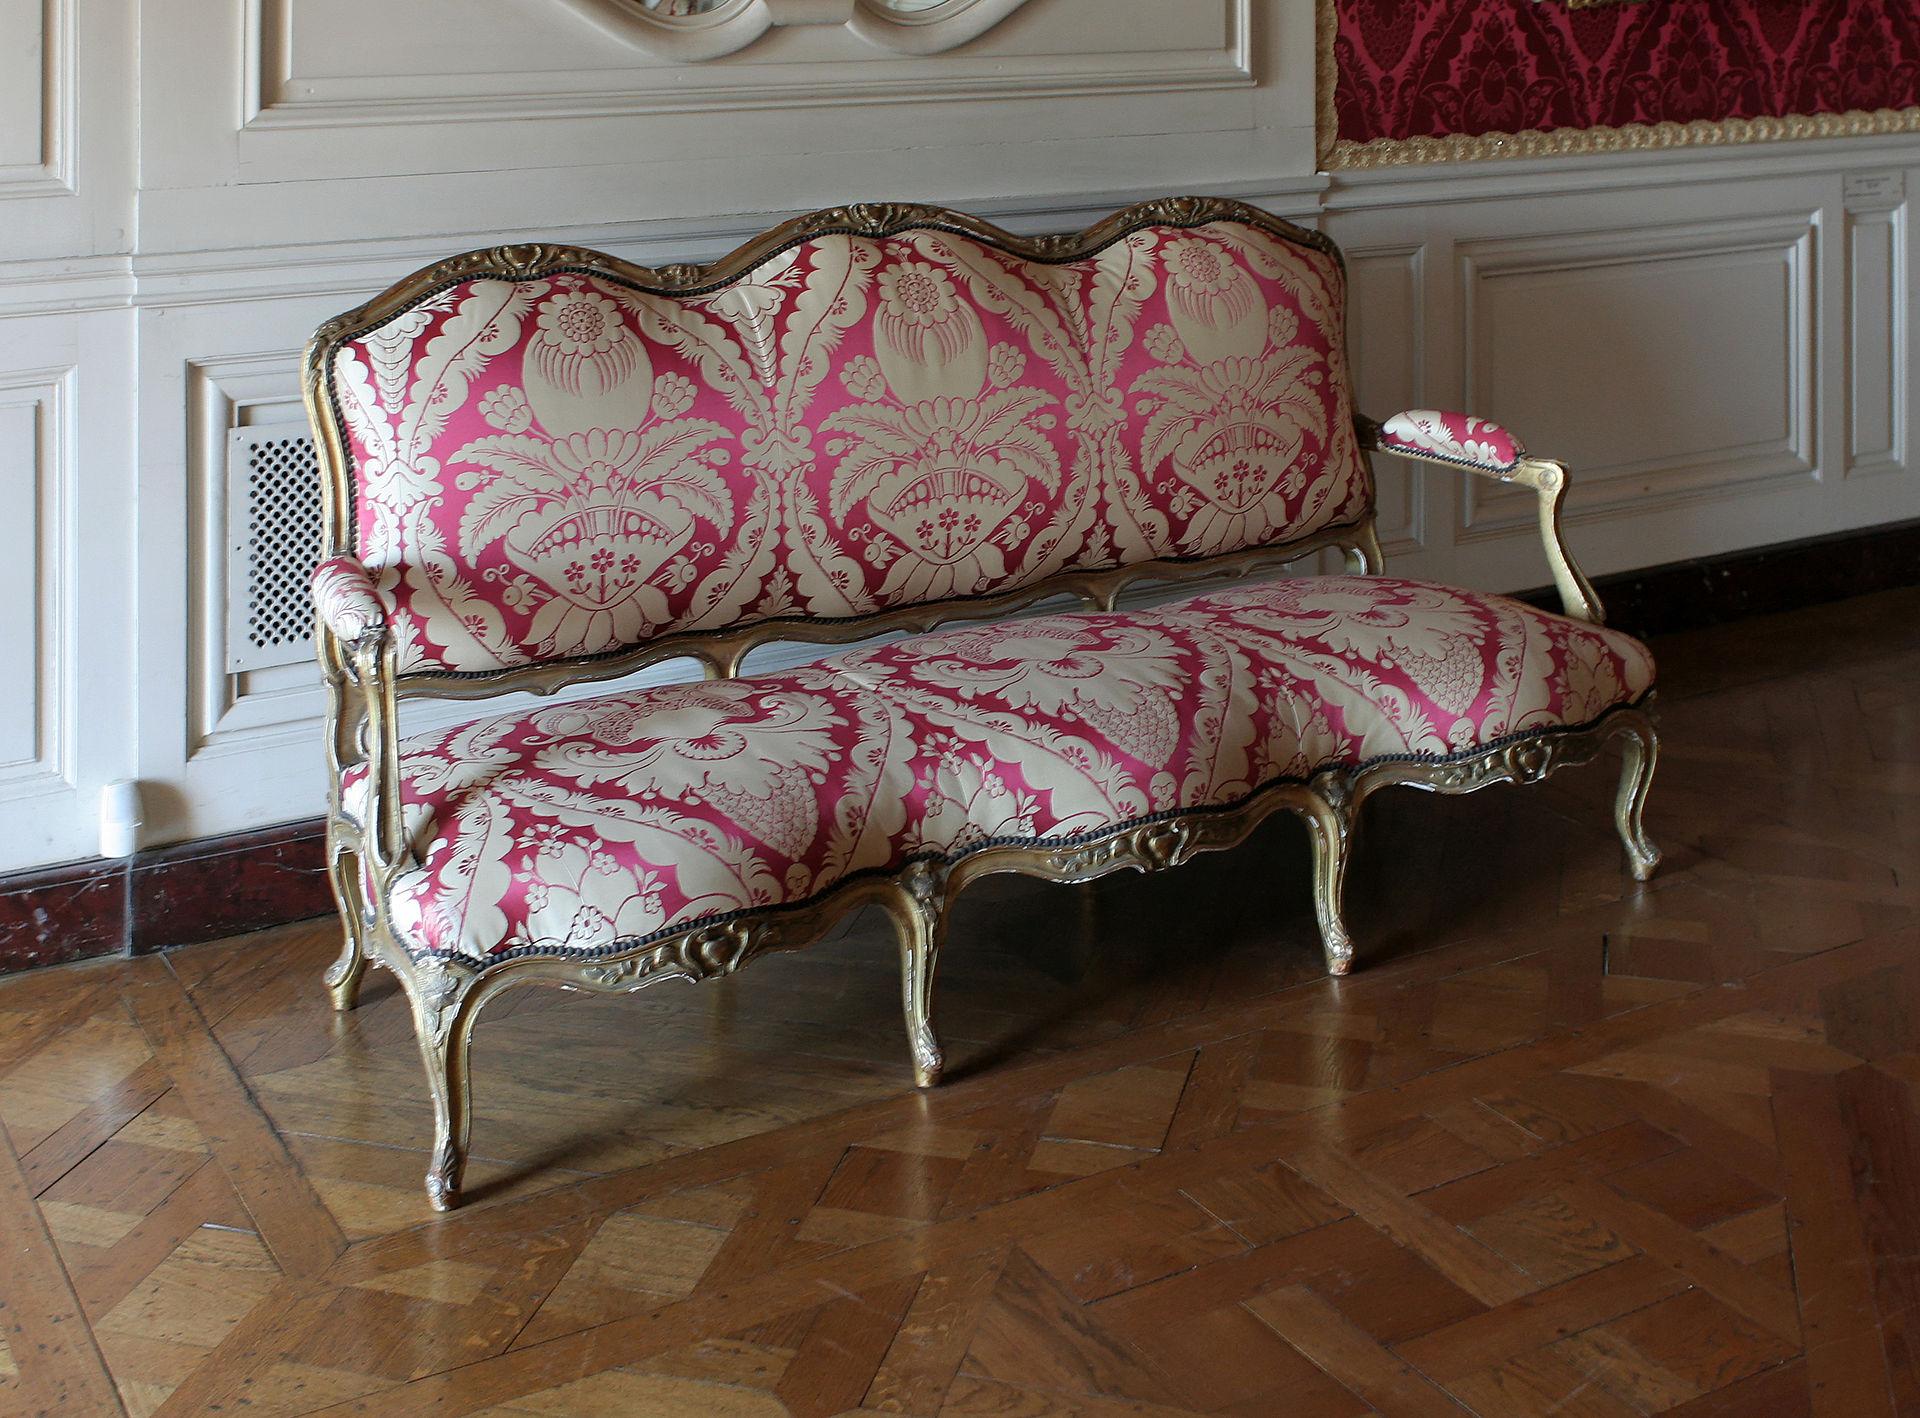 Château de Versailles, appartements de la Dauphine, grand cabinet, canapé.jpg